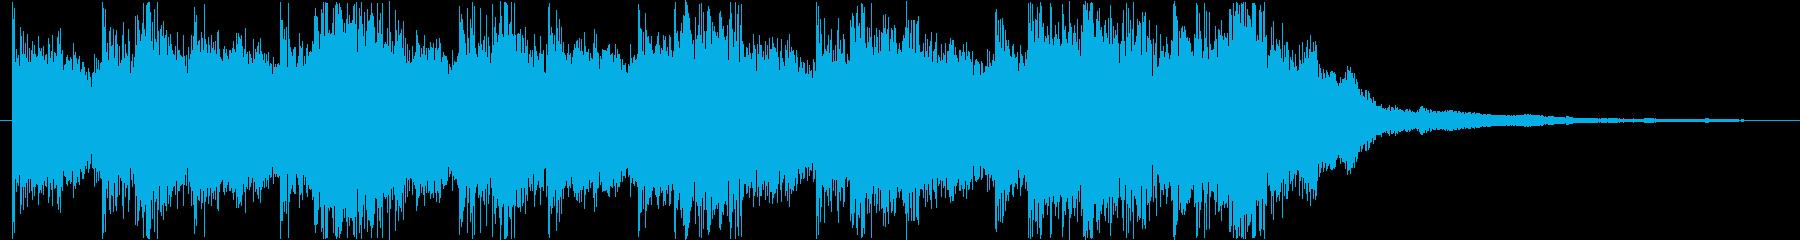 戦闘シーンを意識したインスト曲の再生済みの波形